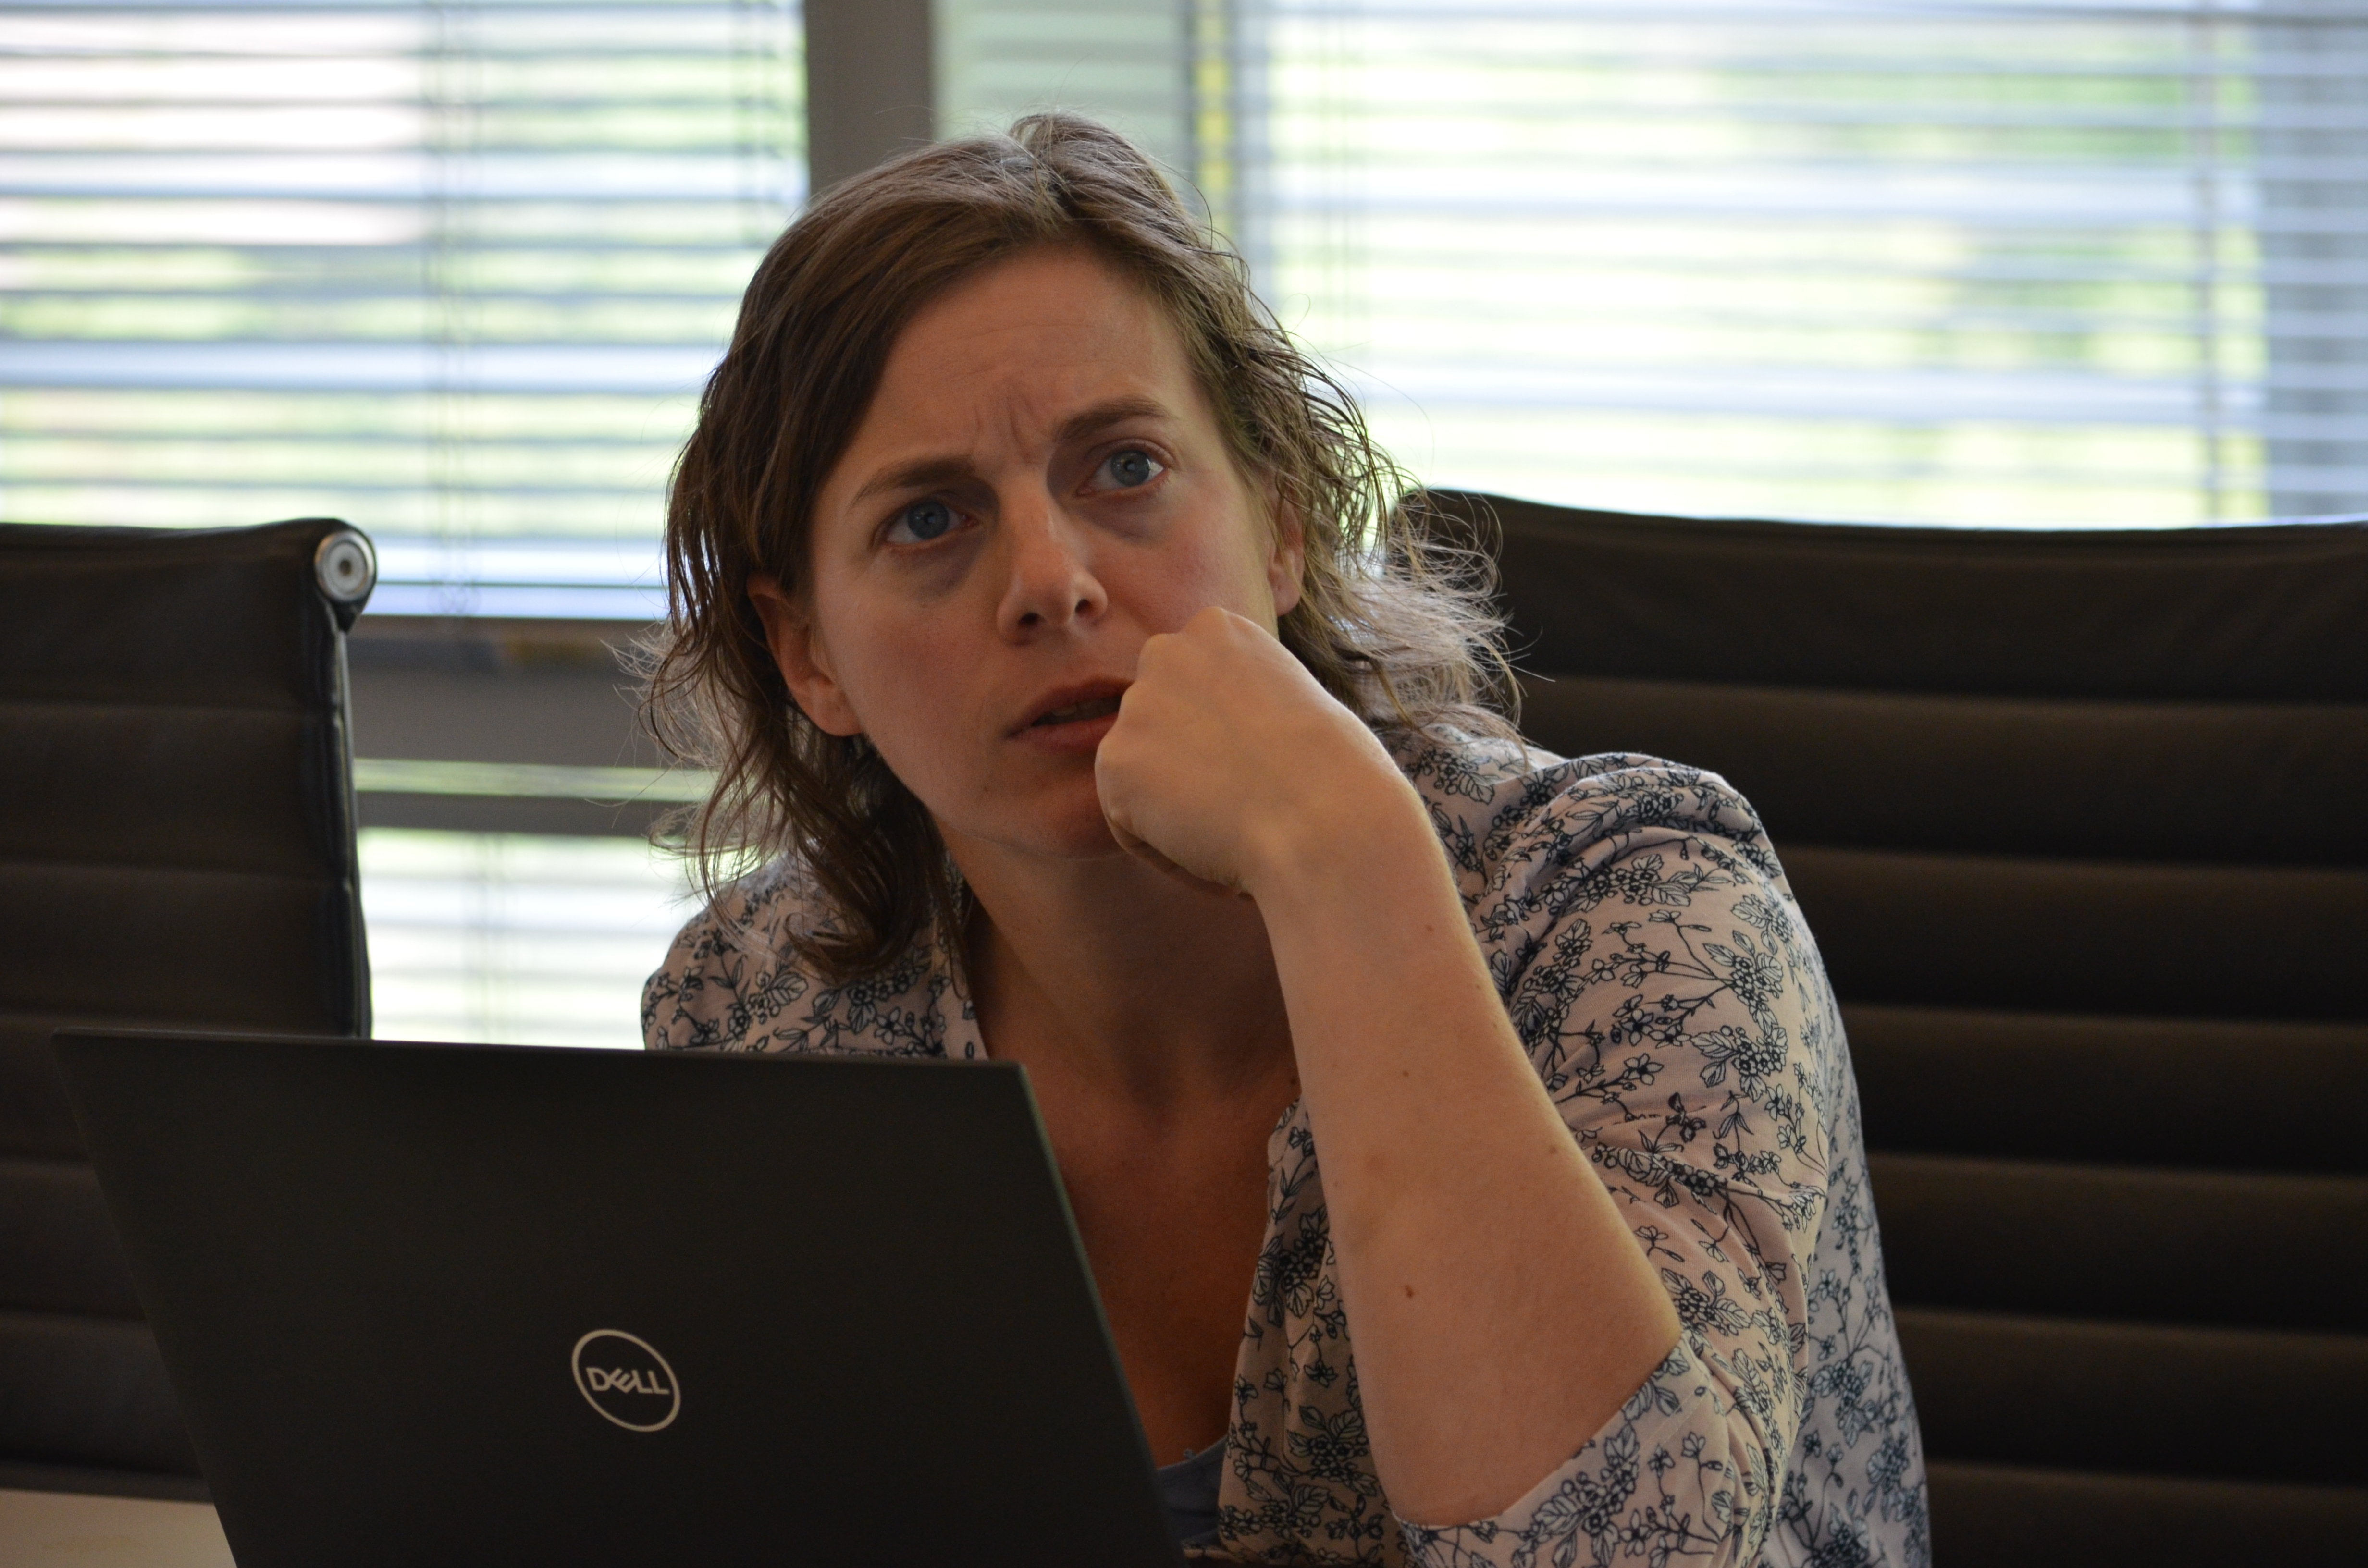 Assistant Professor Silvie Huijben works on aligning BioSpine curriculum